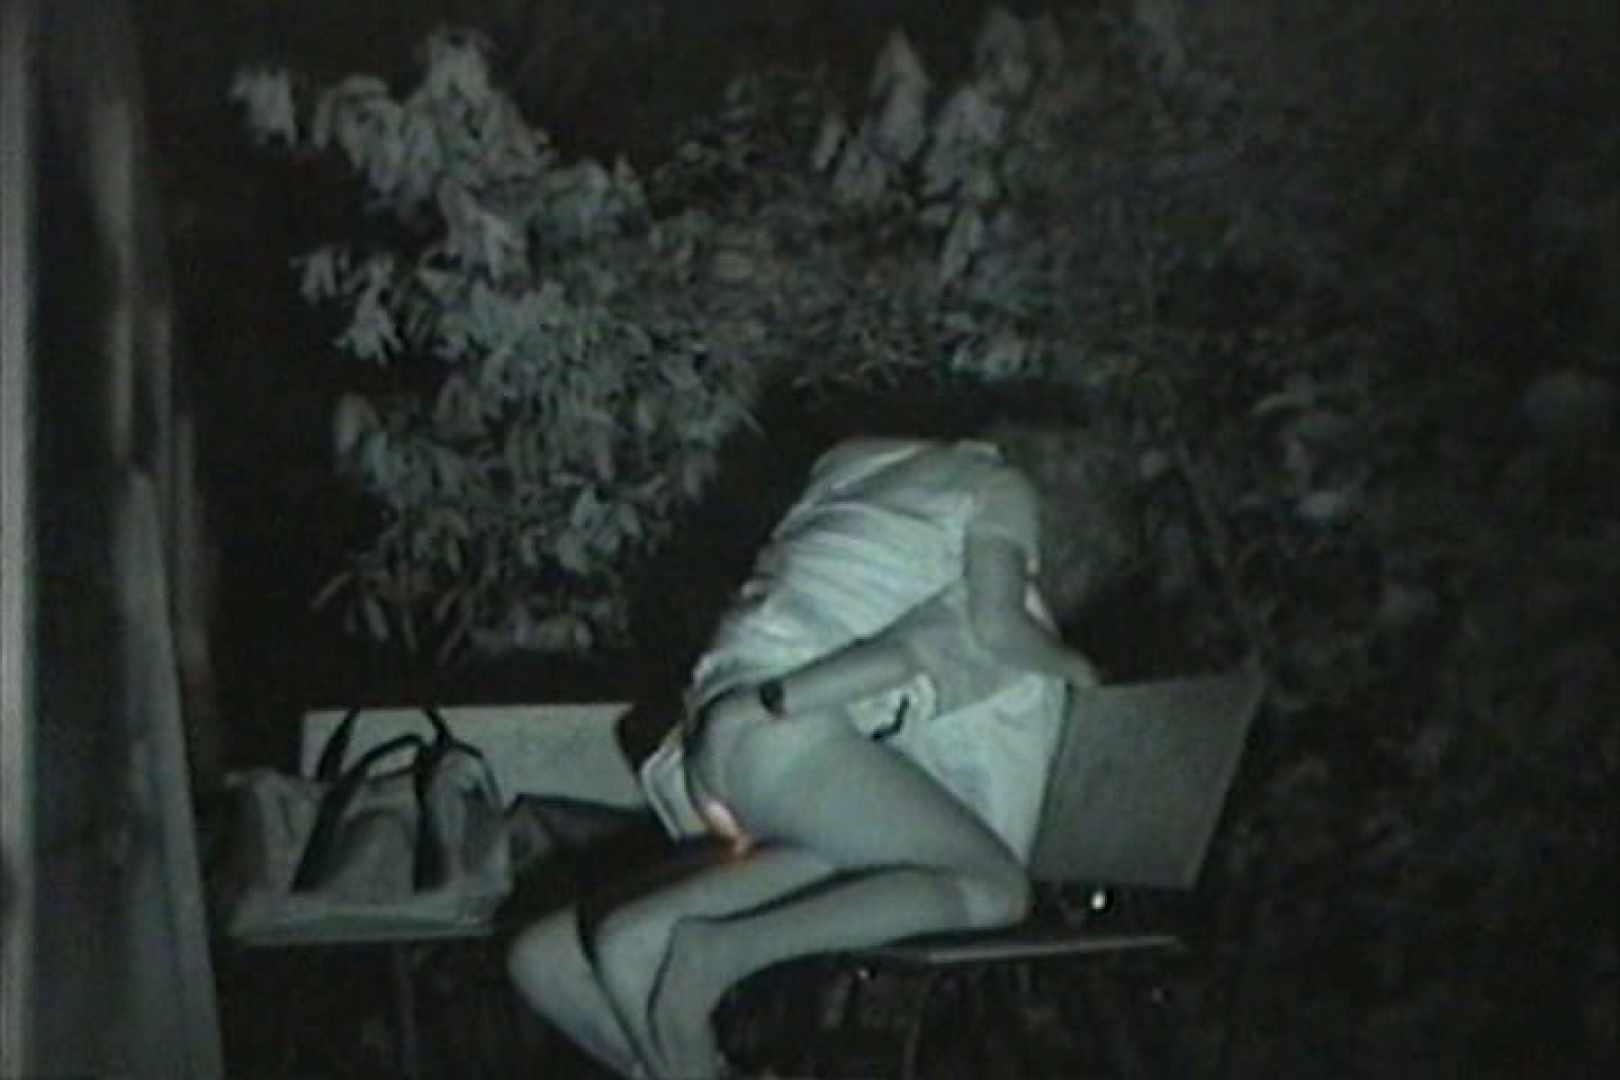 闇の仕掛け人 無修正版 Vol.24 ラブホテル隠し撮り ヌード画像 101pic 69